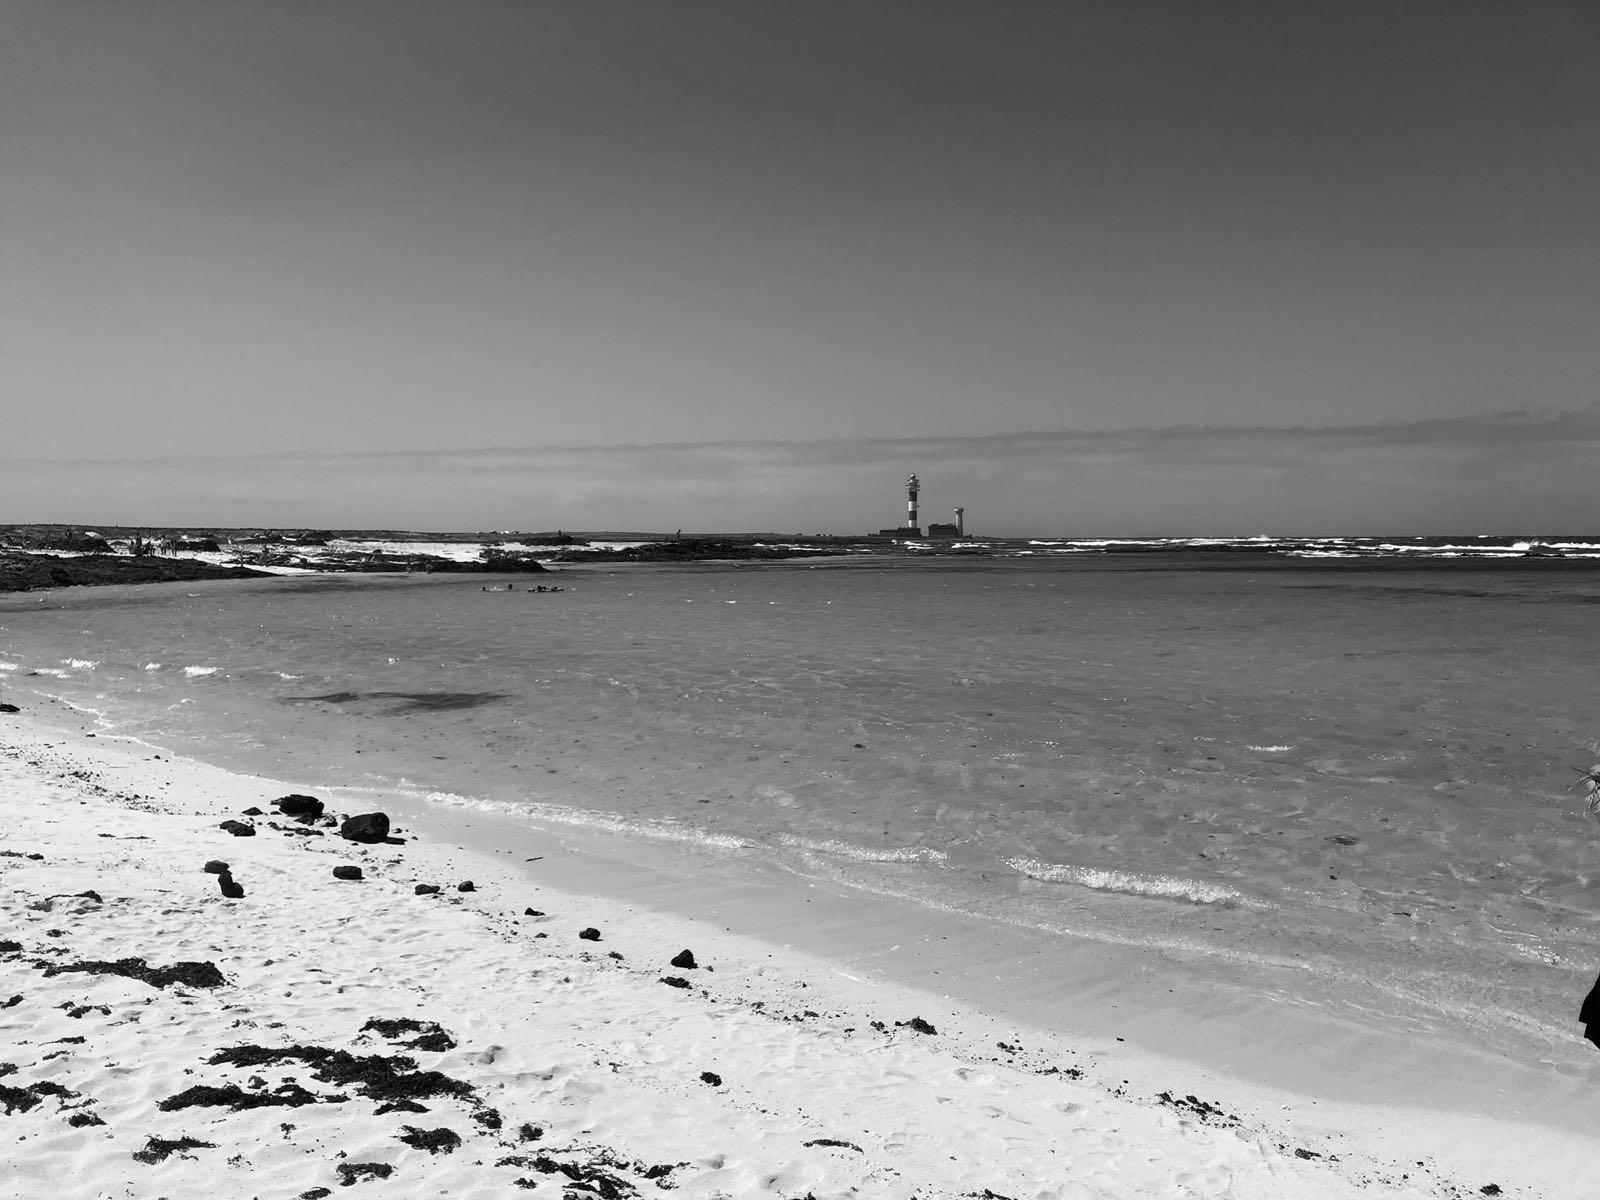 fuerteventura, la isla serena